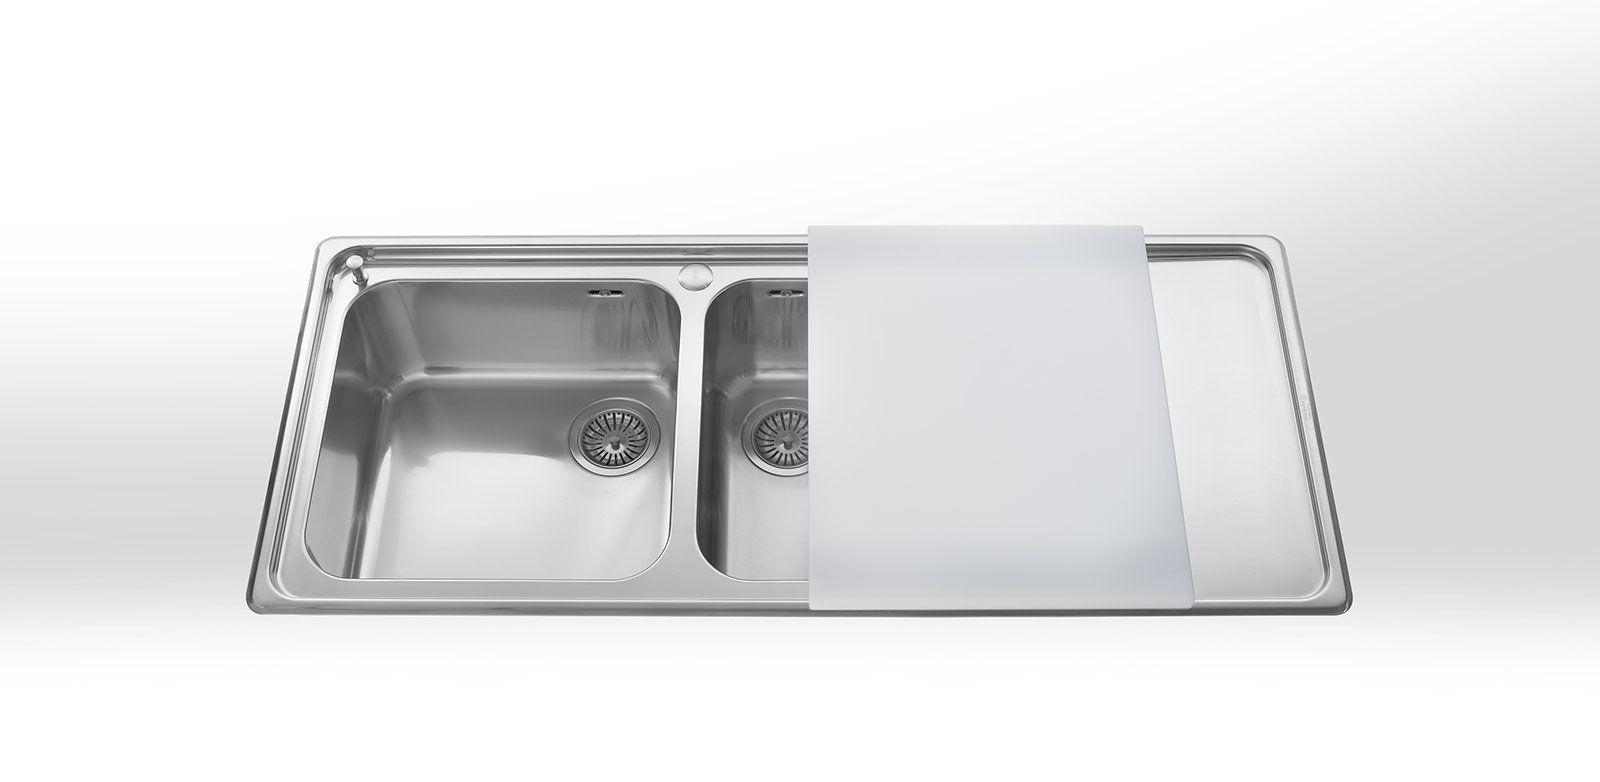 Lavandino Cucina Con Gocciolatoio come scegliere lavelli e lavandini per la cucina (con